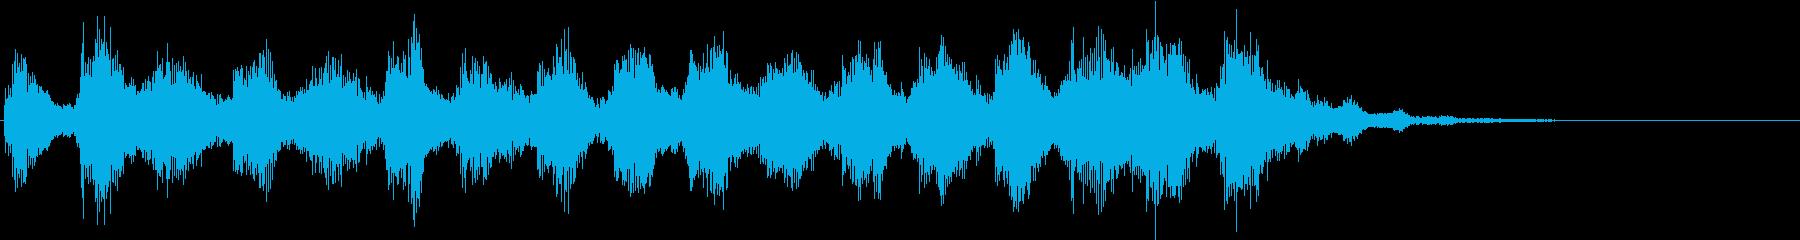 暗い雰囲気のするジングルの再生済みの波形